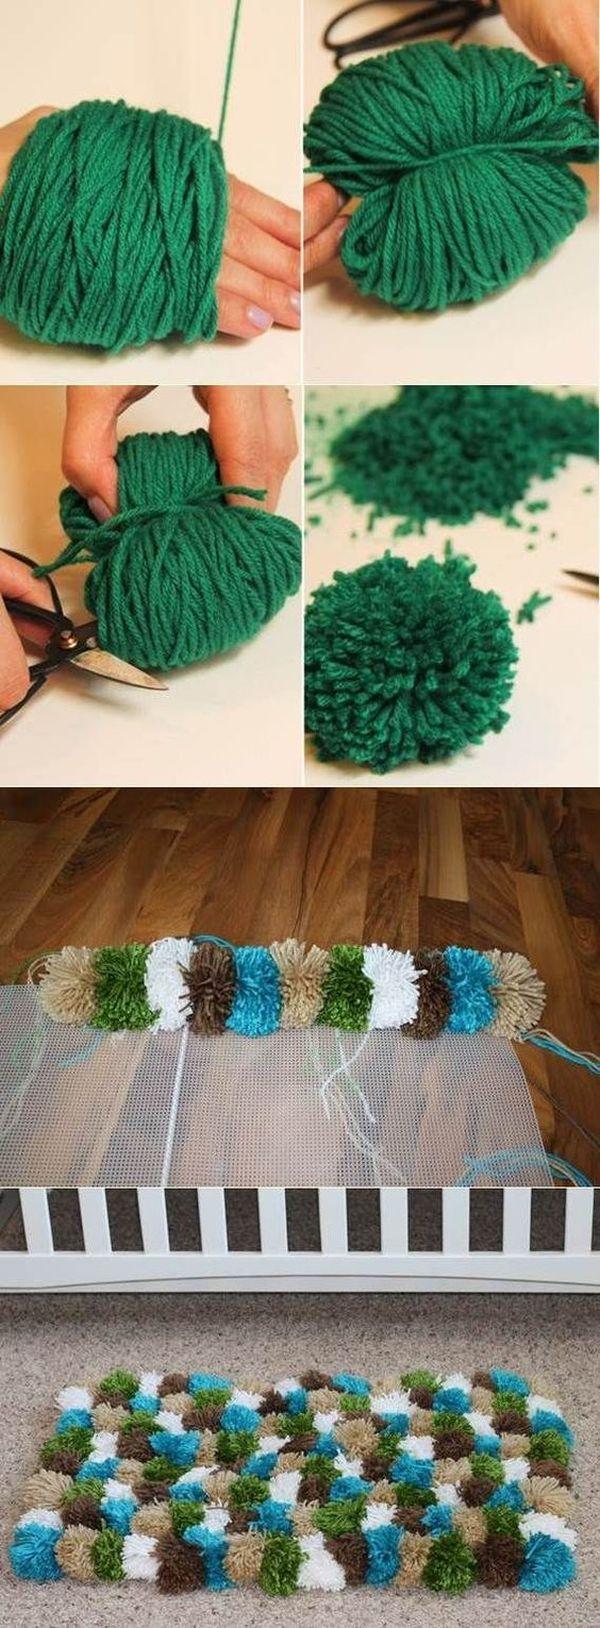 La ce mai puteti folosi resturile de lana? La canafi – idei de covorase Ai resturi de lana ramase de la impletit? Nu le arunca, confectioneaza din ele canafi si apoi niste covorase minunate pentru orice incapere http://ideipentrucasa.ro/la-ce-mai-puteti-folosi-resturile-de-lana-la-canafi-idei-de-covorase/